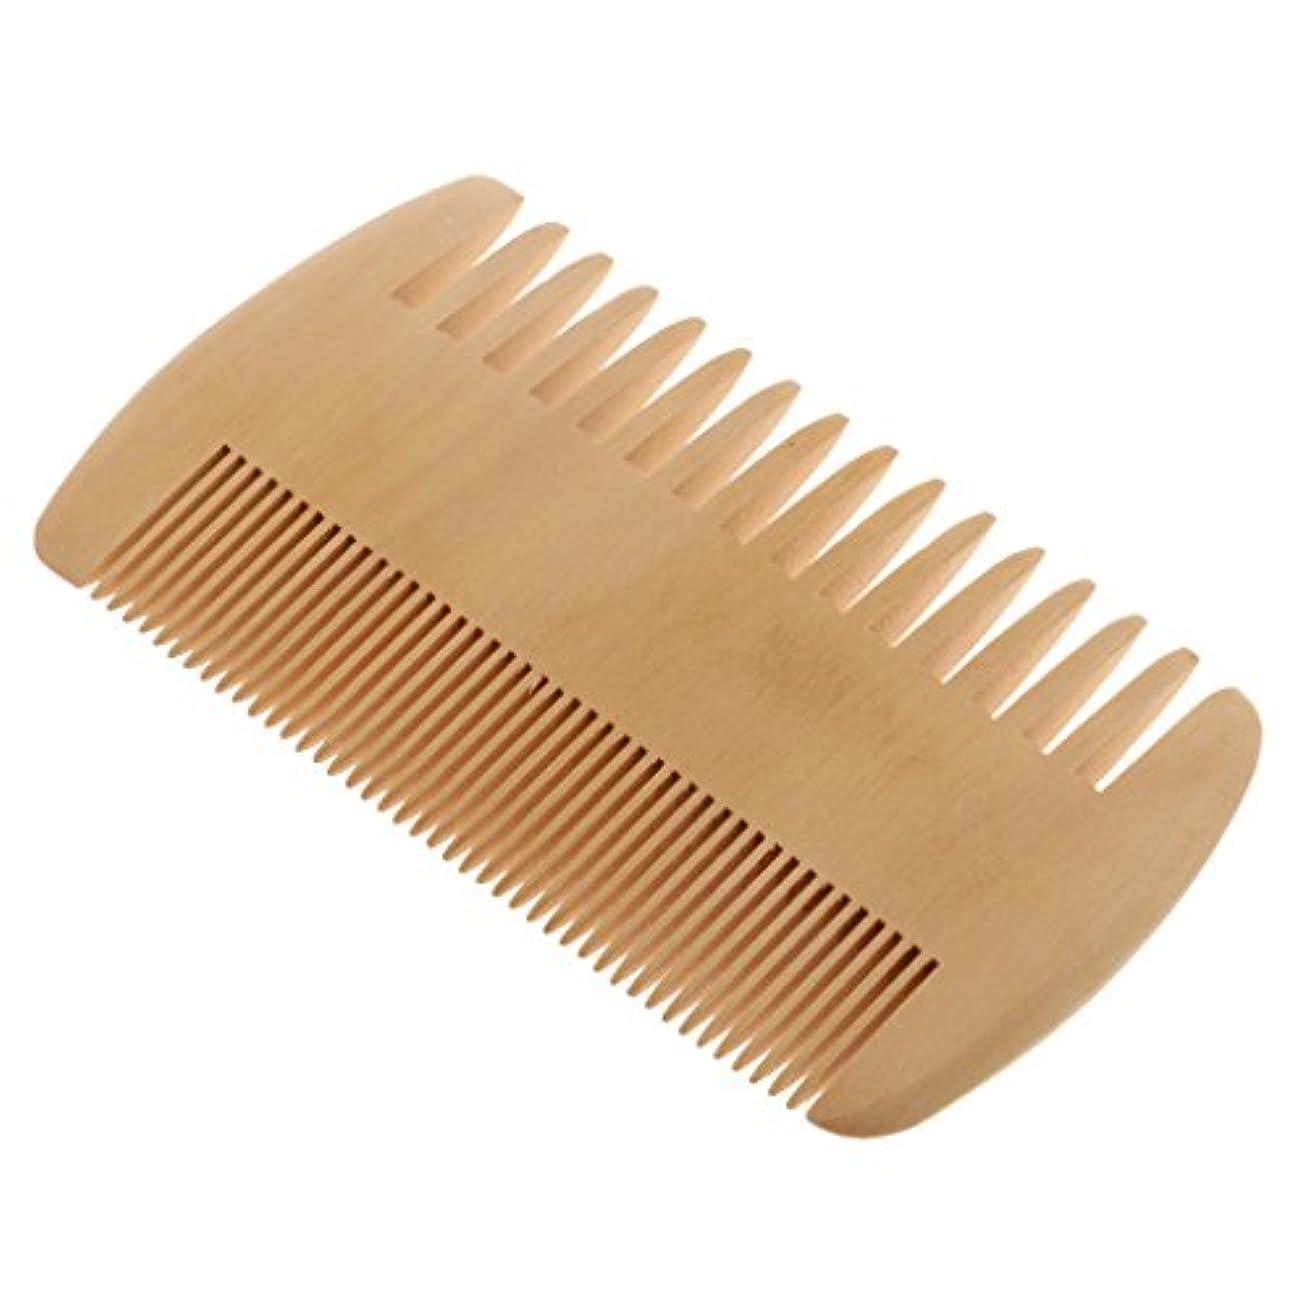 ペインティング増幅する叙情的な木製コーム 木製櫛 ヘアブラシ 帯電防止櫛 ポケットコーム ヘアスタイリング 用品